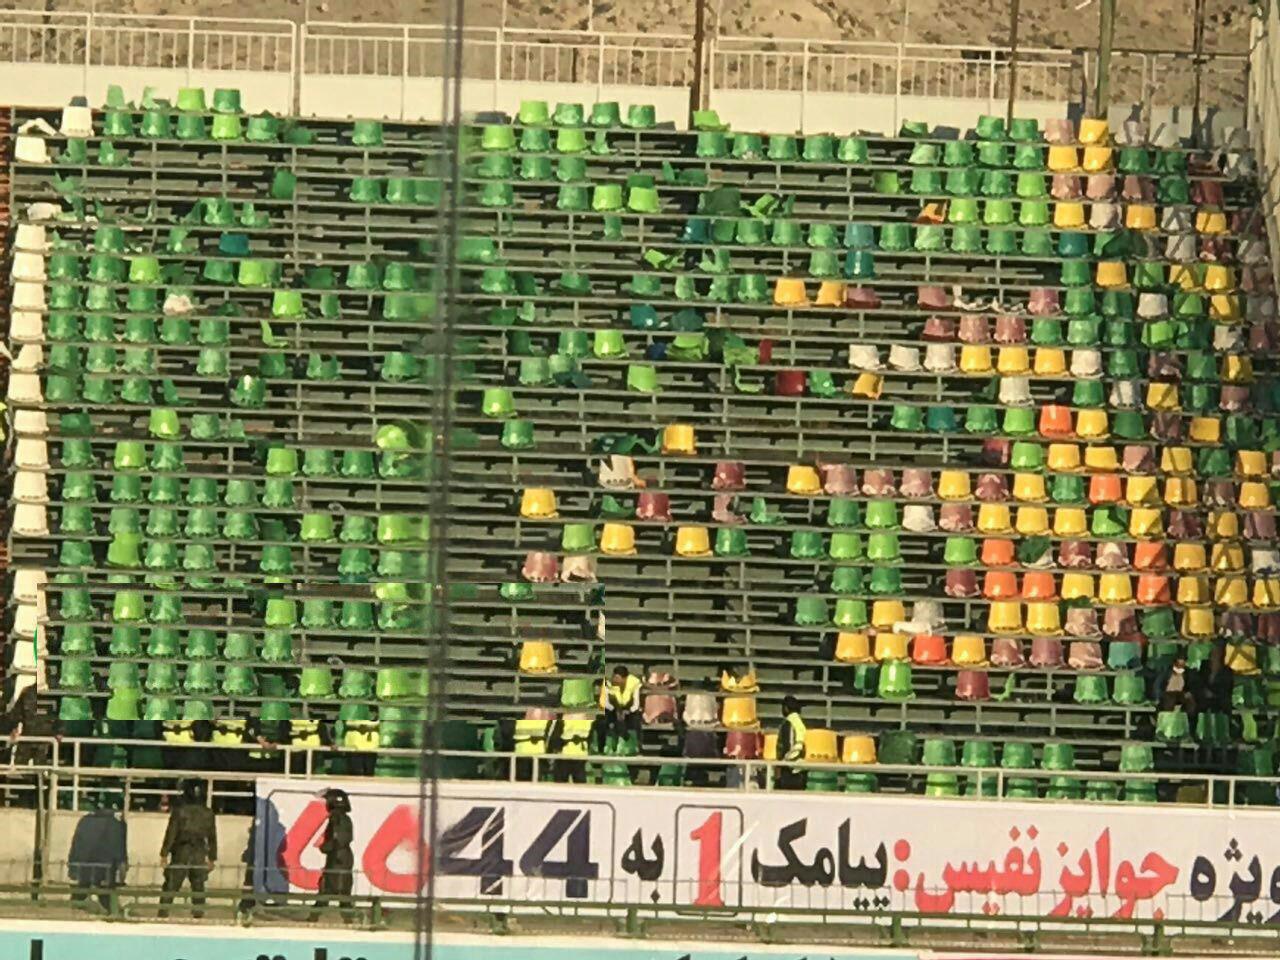 وقتی آبی ها جنبه باخت ندارند/ صندلیهای ورزشگاه آسیایی فولاد شهر هوا شد!+عکس